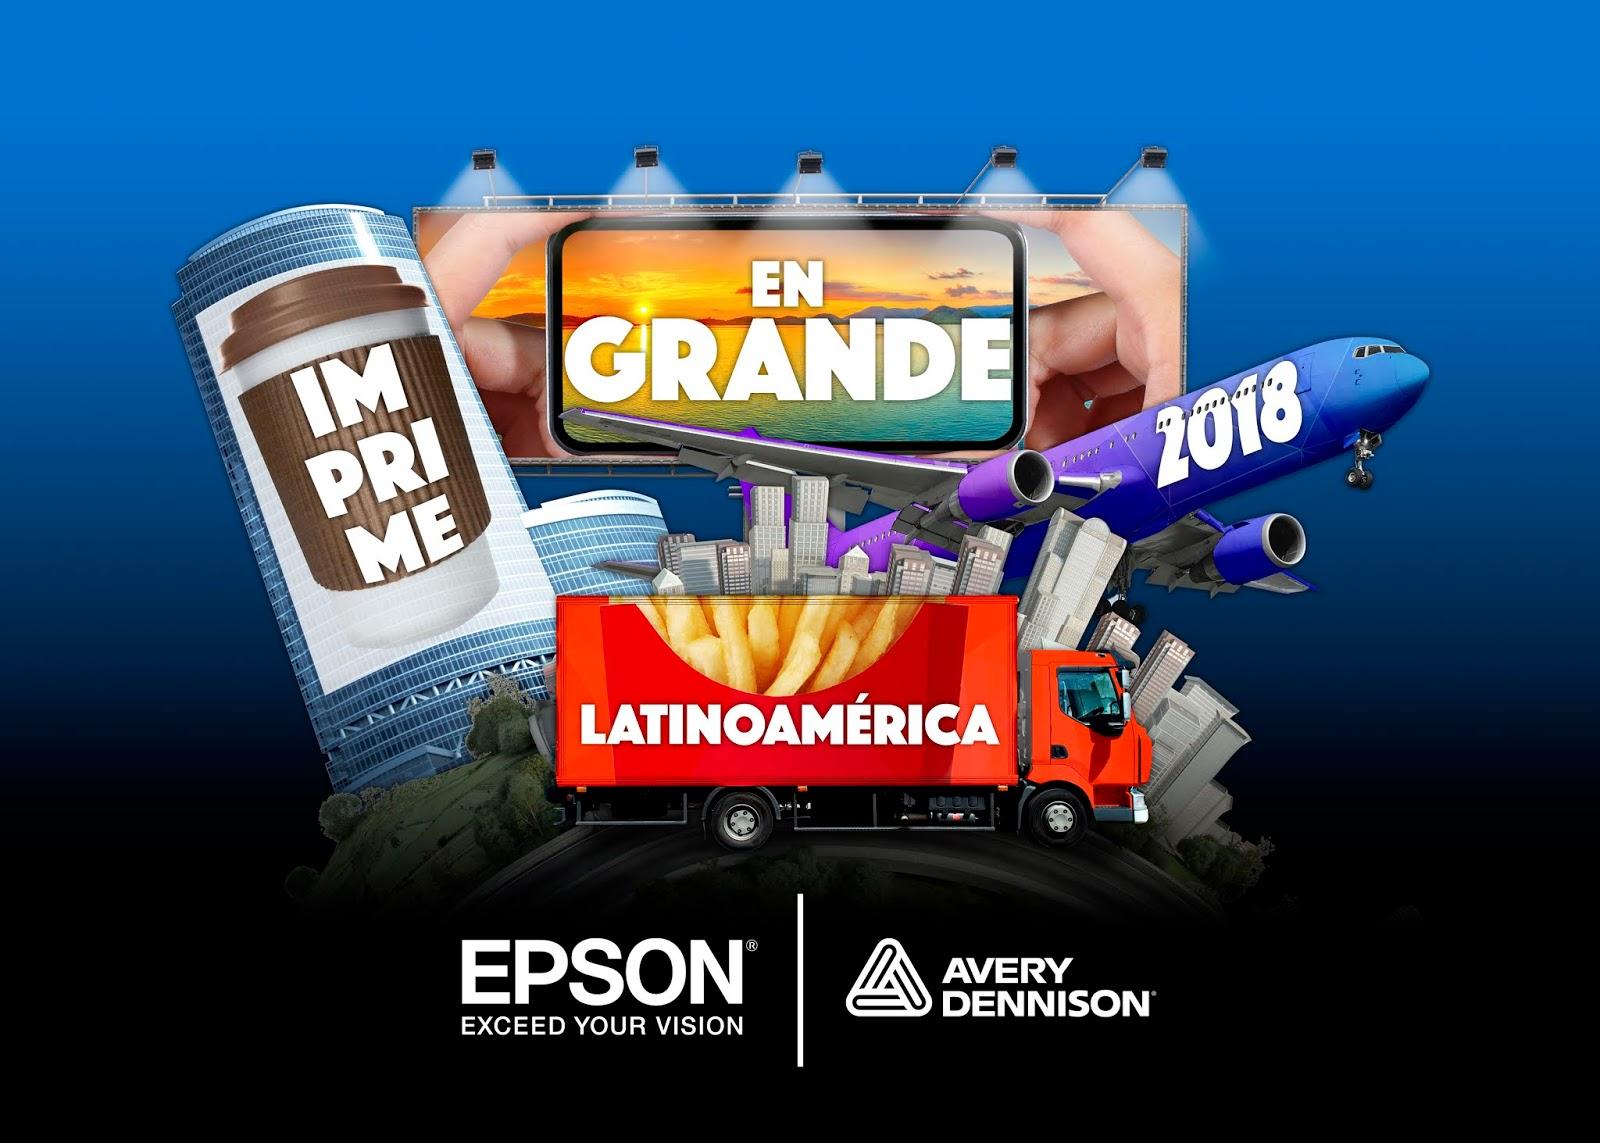 """Epson y Avery Dennison abren el concurso  """"Imprime en grande"""" en Latam"""